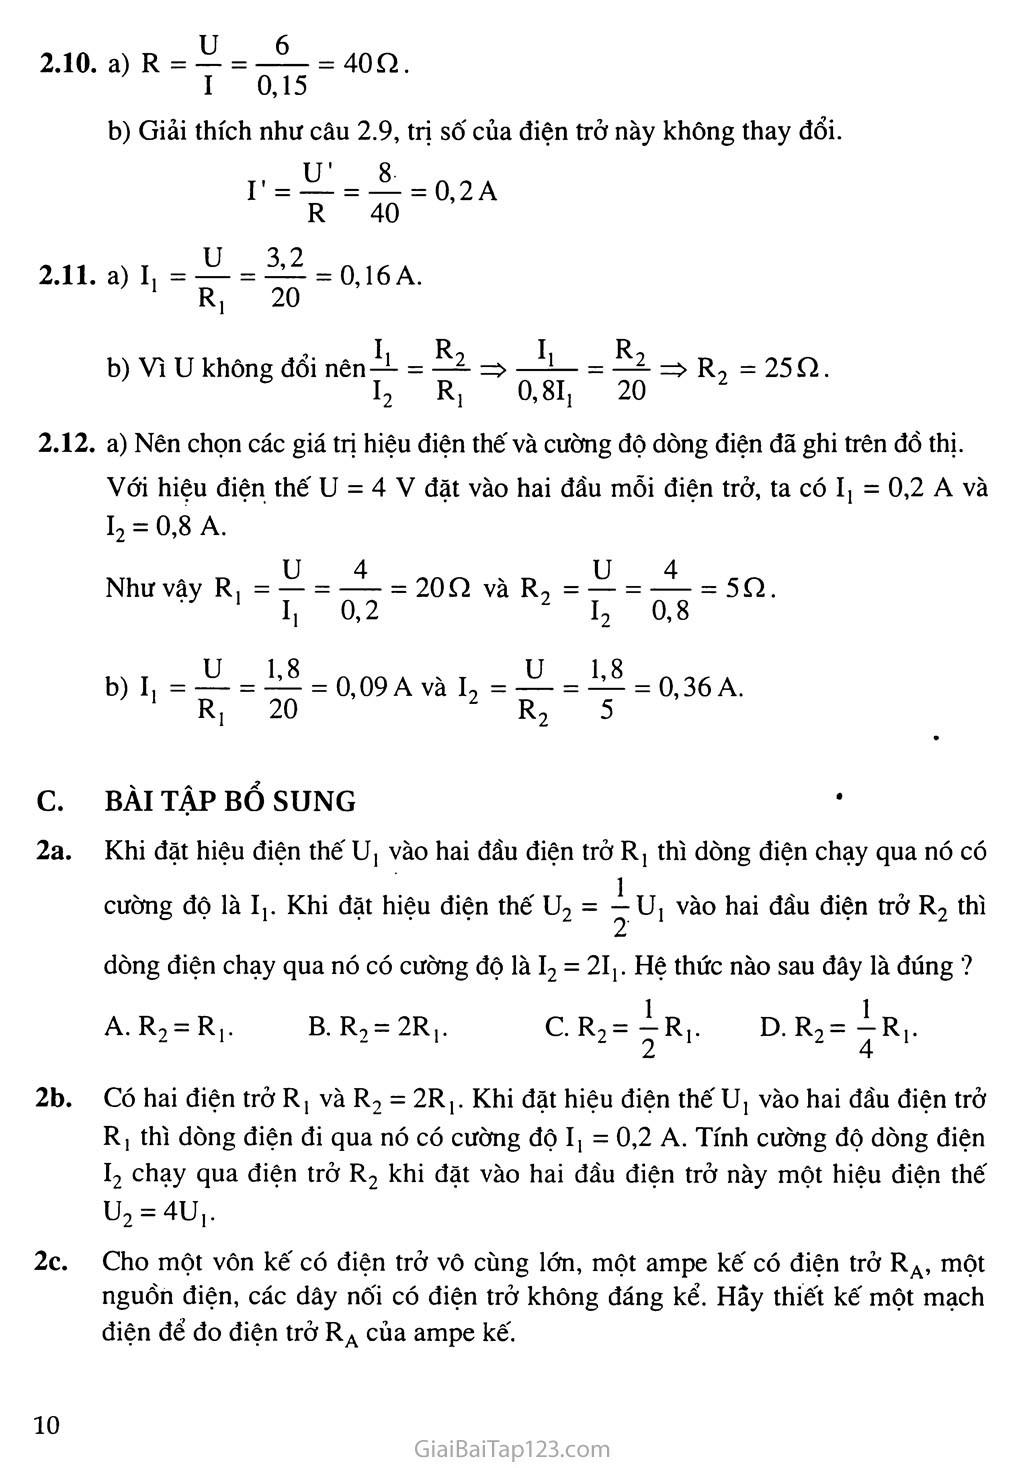 Bài 2: Điện trở của dây dẫn - Định luật Ôm trang 3